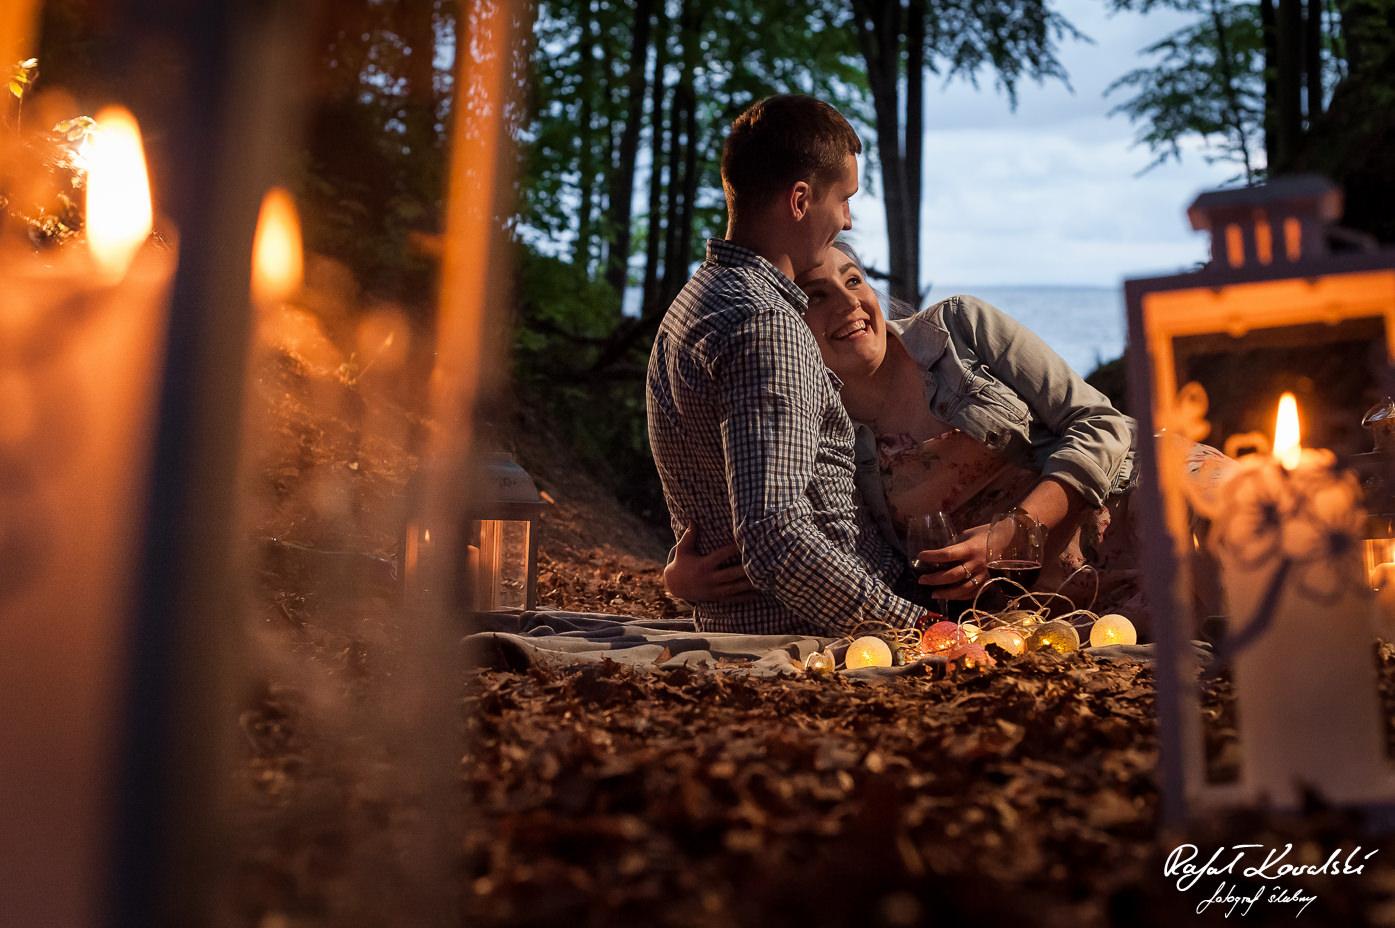 romantyczny nastrój wieczornej sesj dla narzeczonych